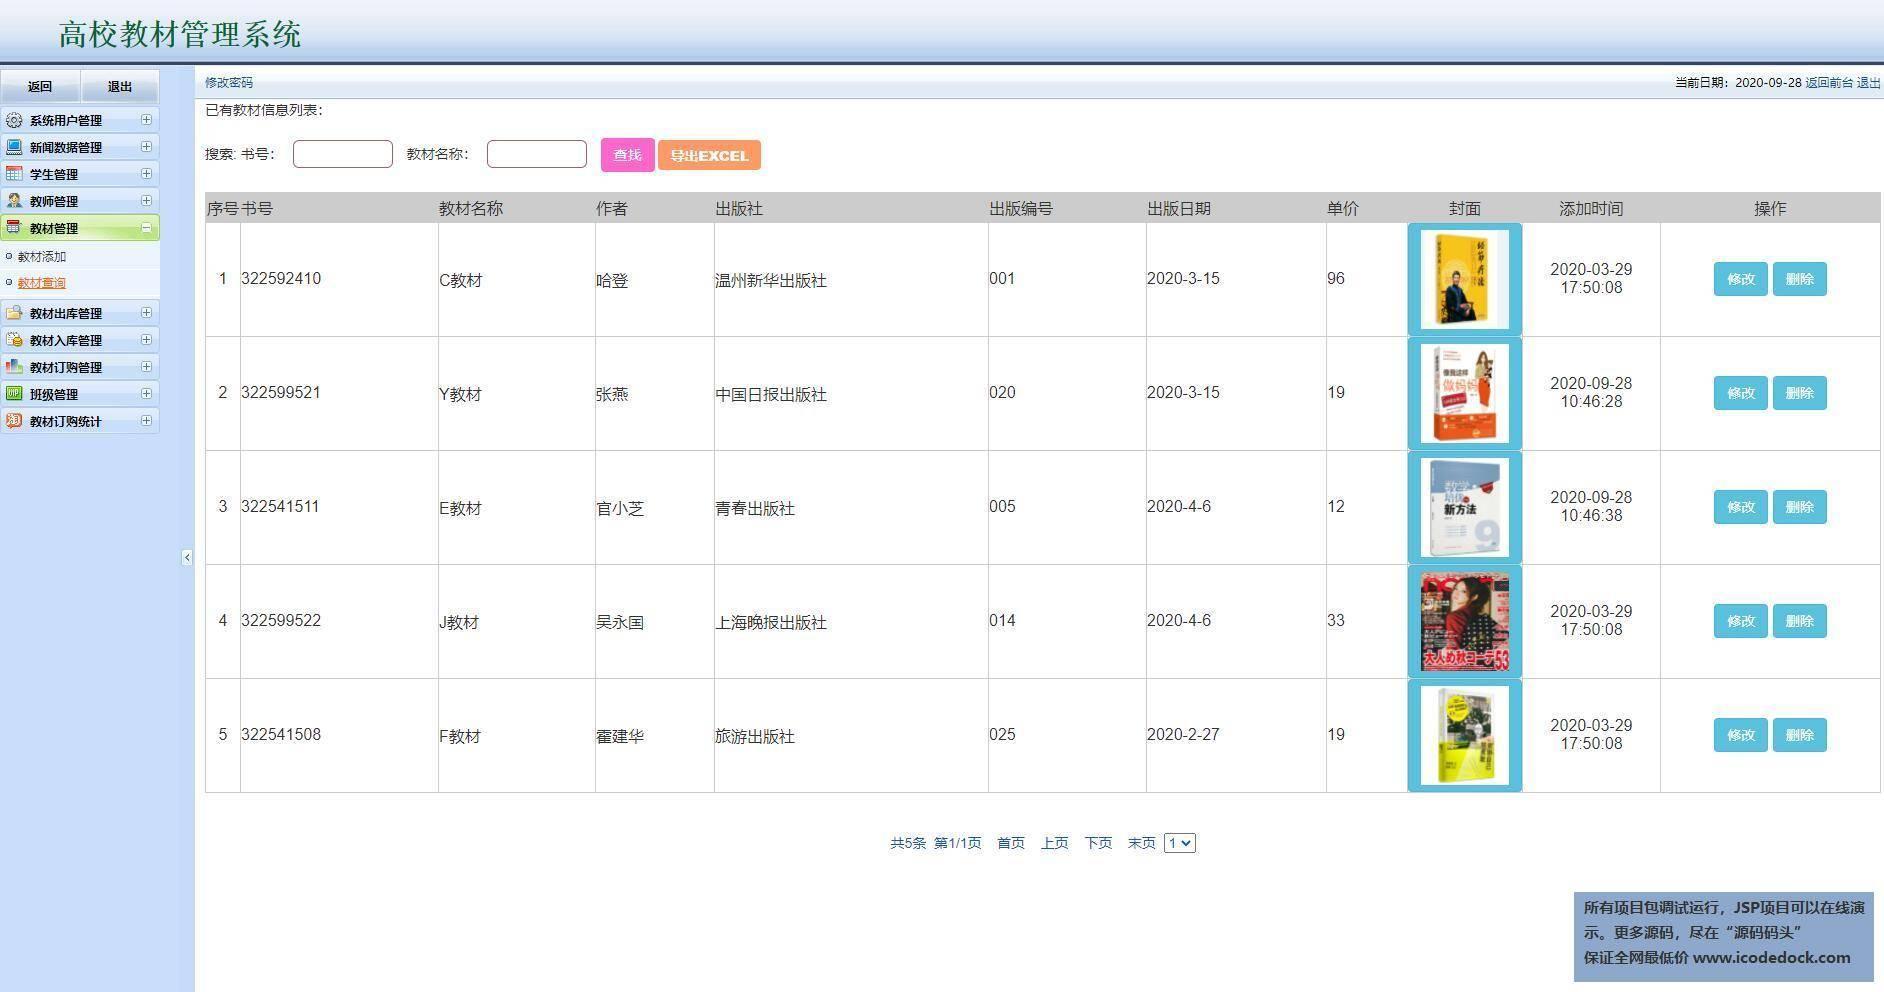 源码码头-JSP高校教材平台网站管理系统-管理员角色-教材管理